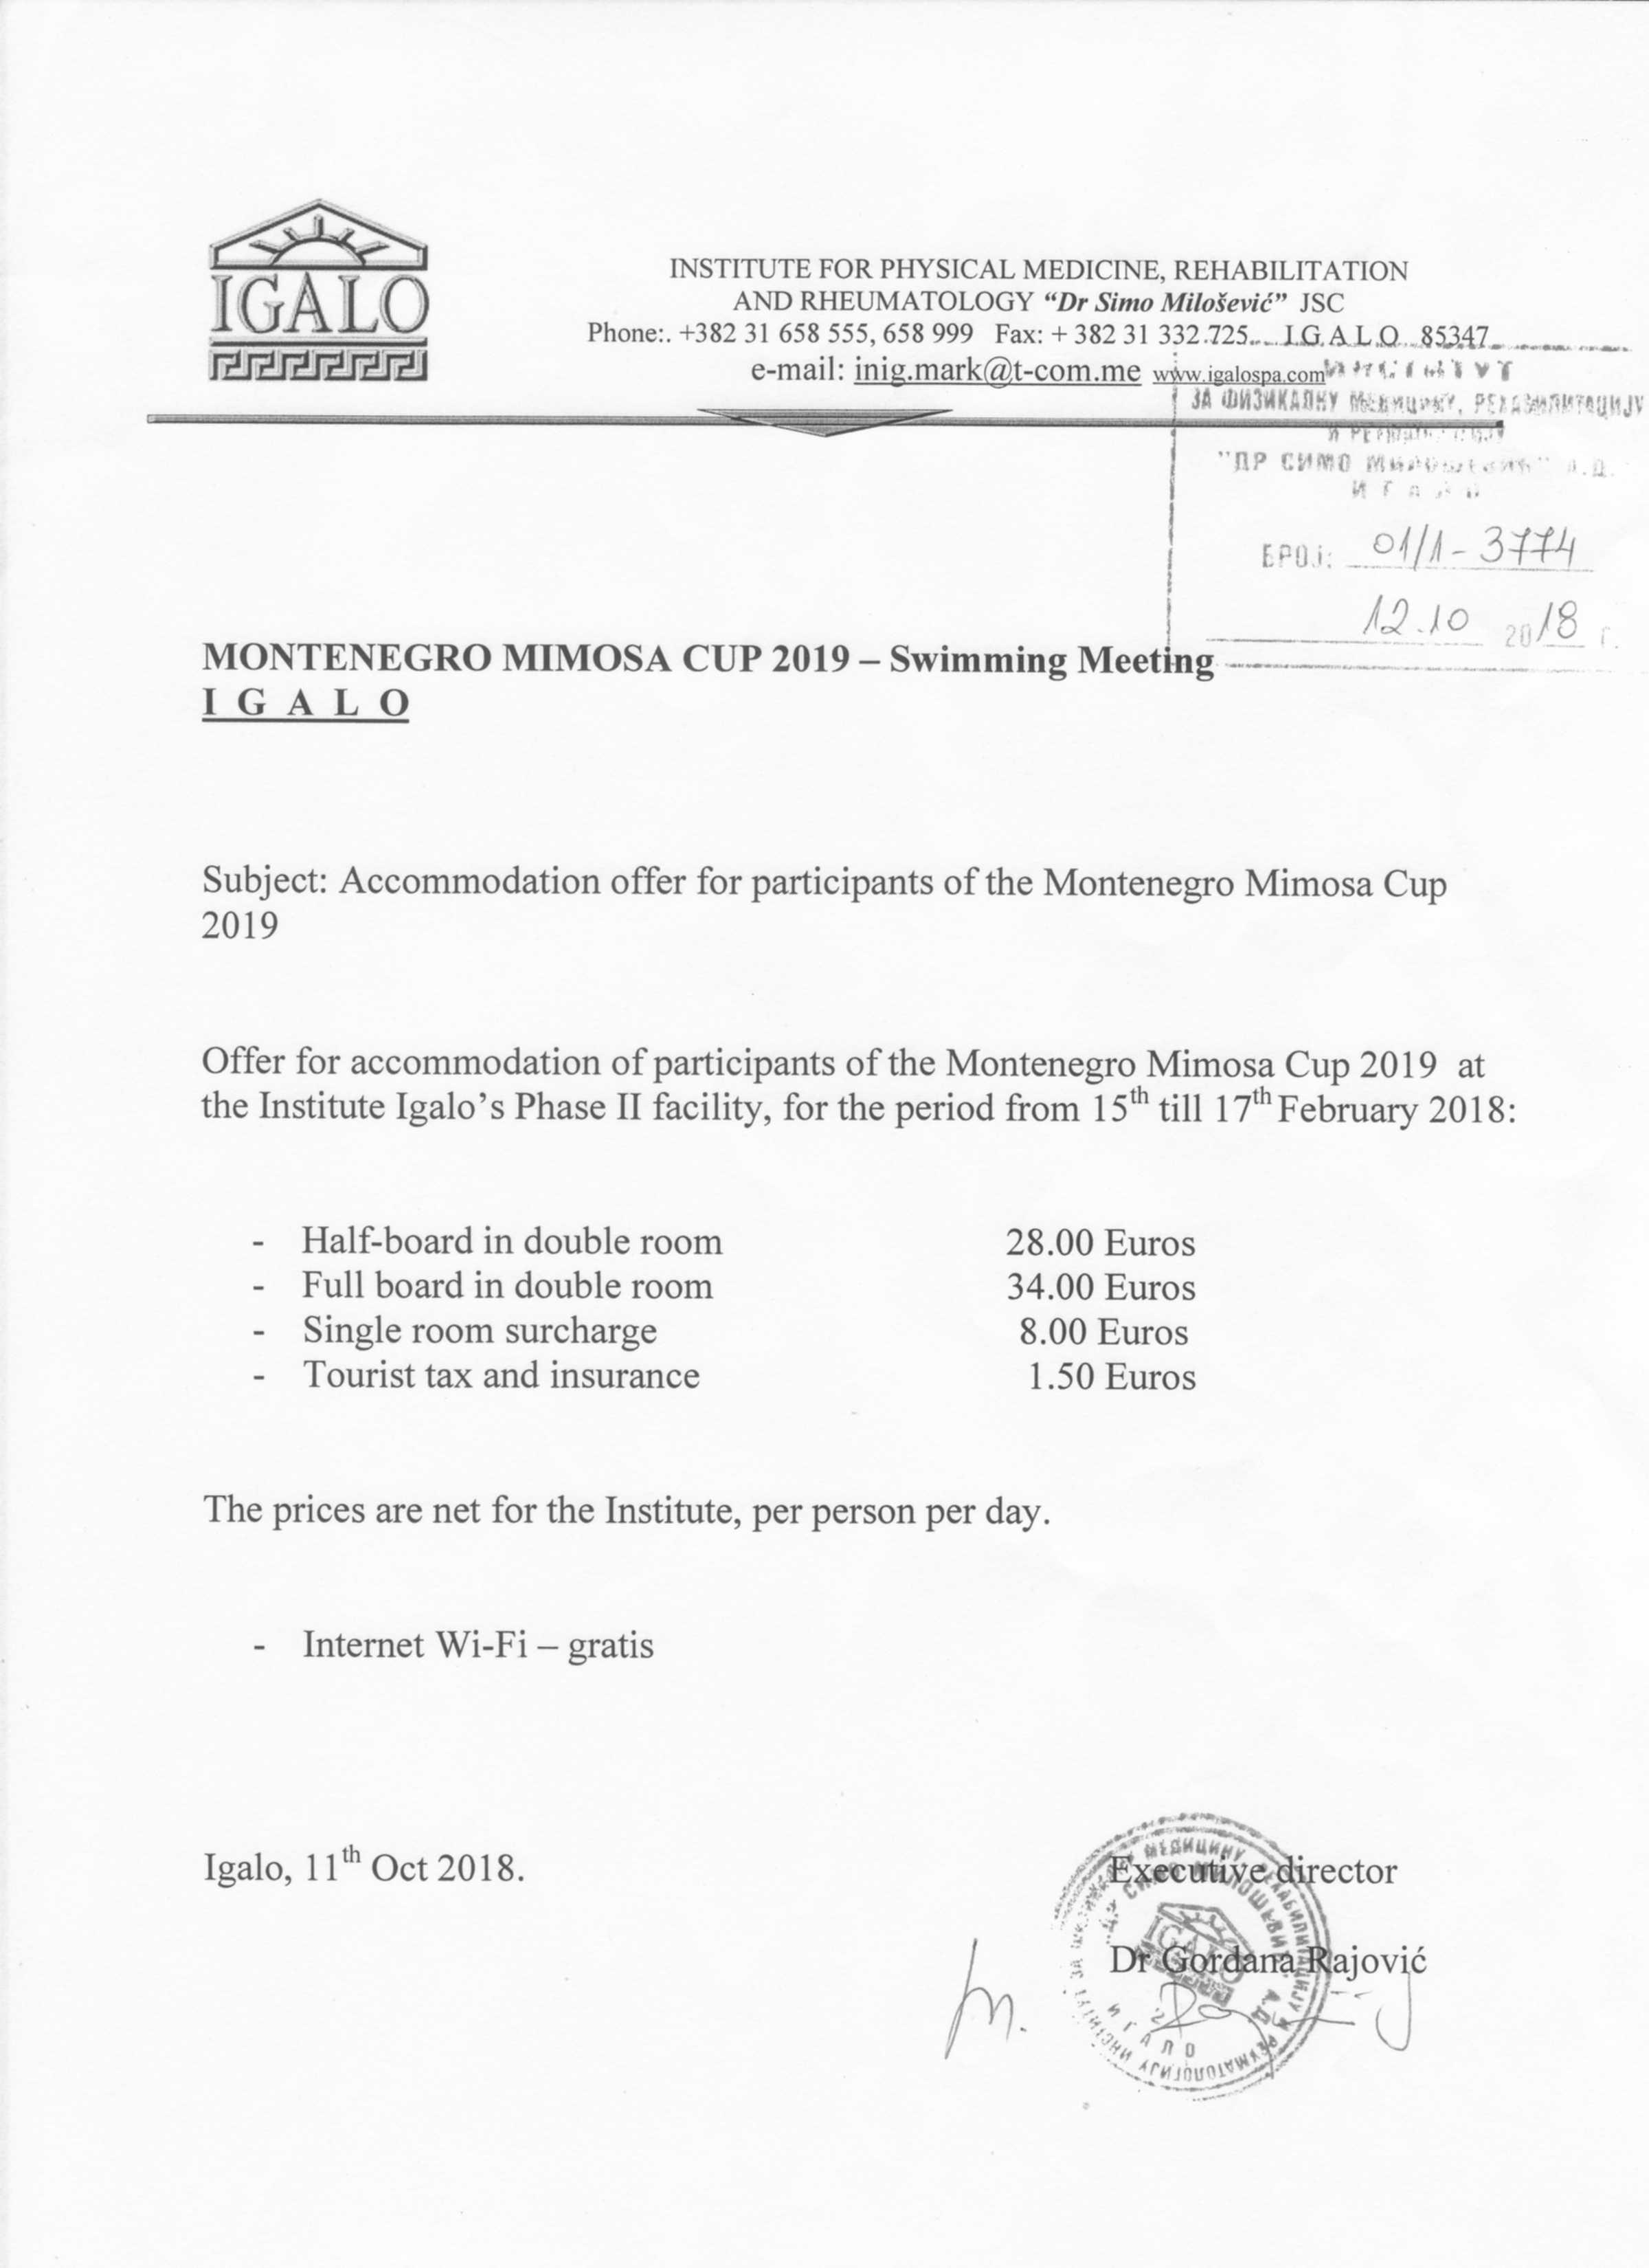 Флајер такмичења, страна 2